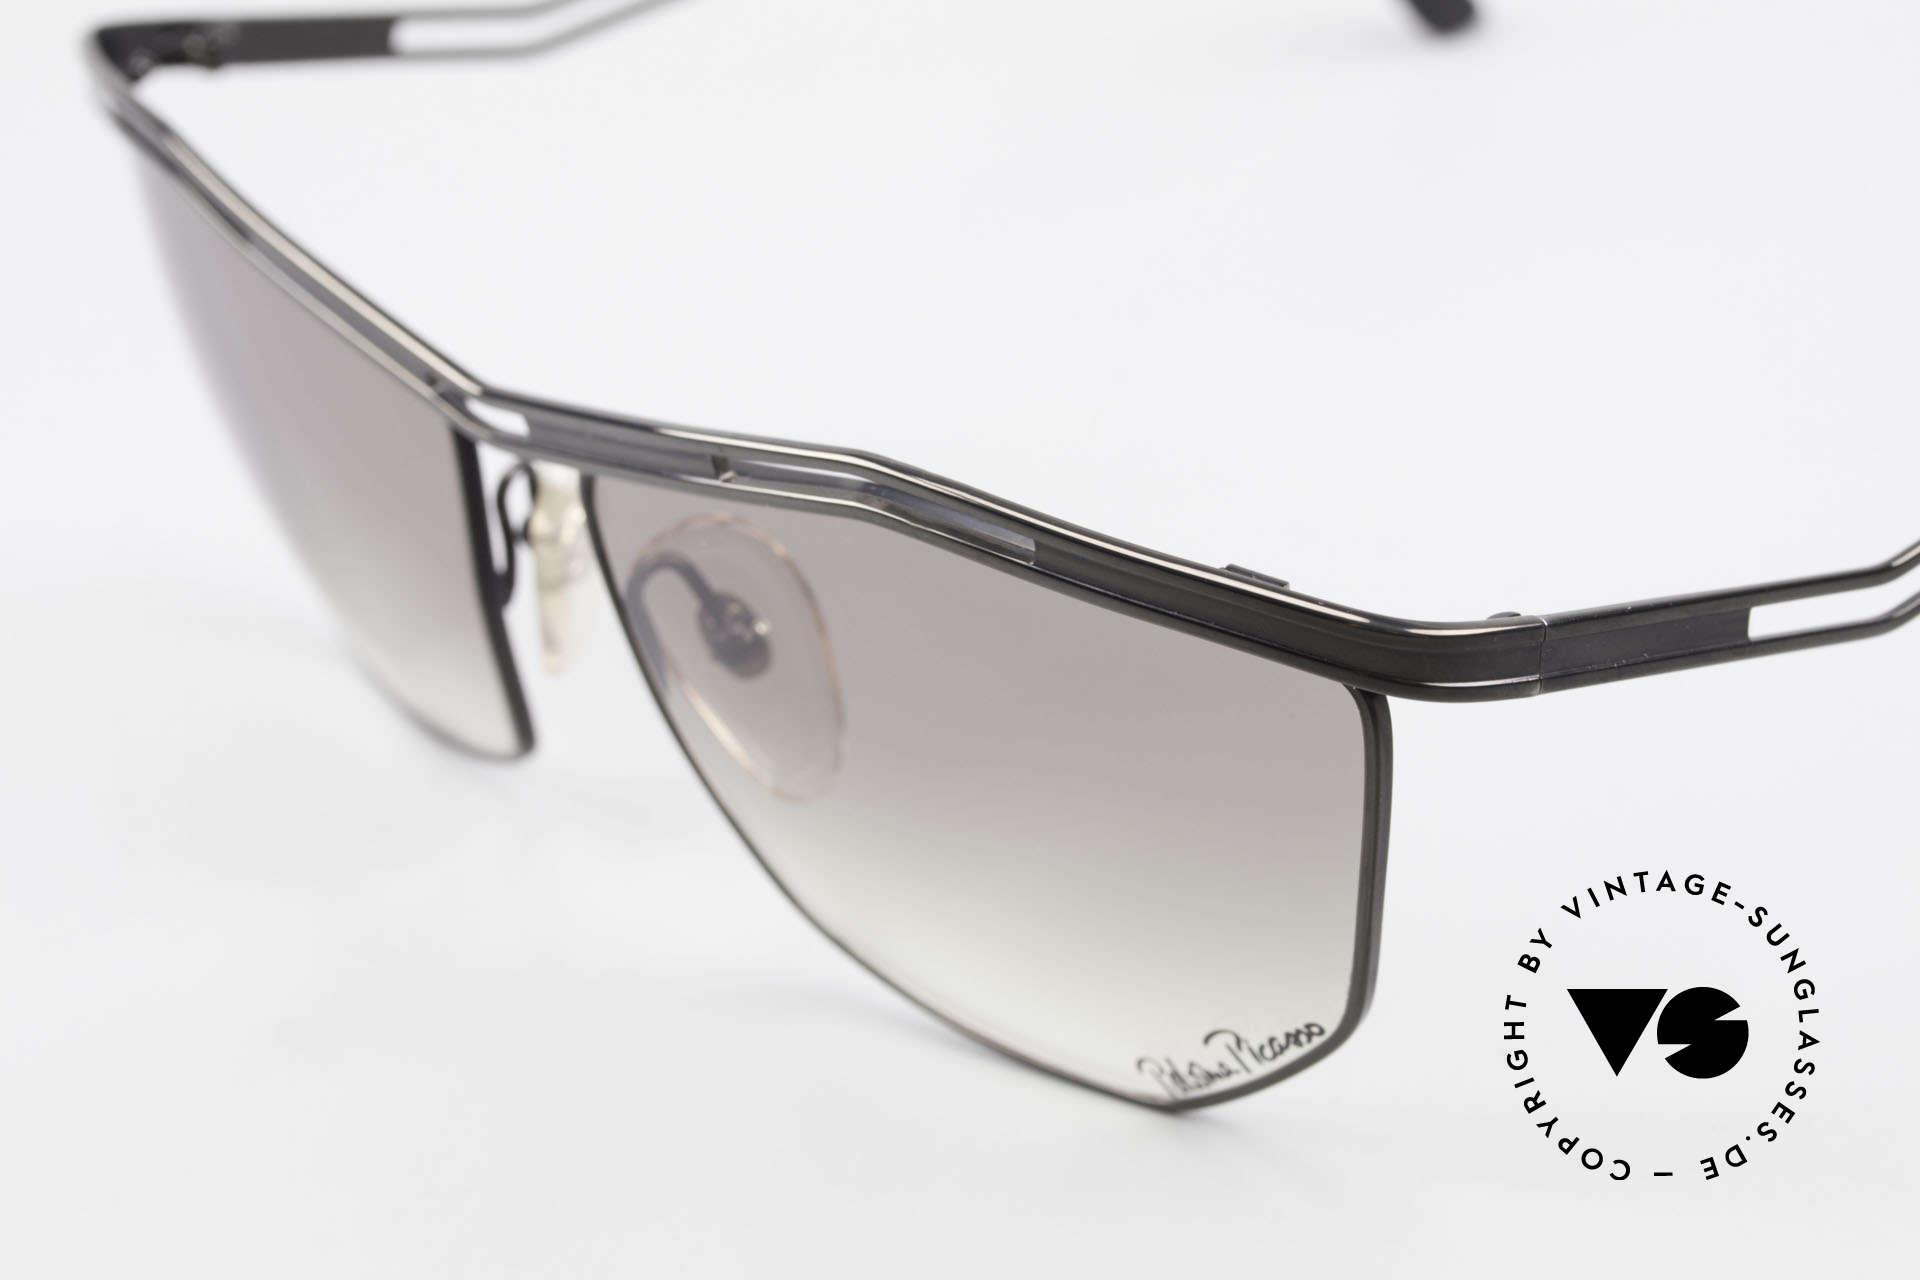 Paloma Picasso 1478 90er Sonnenbrille für Damen, zudem ist das Brillen-Etui als Geldbörse nutzbar!, Passend für Damen